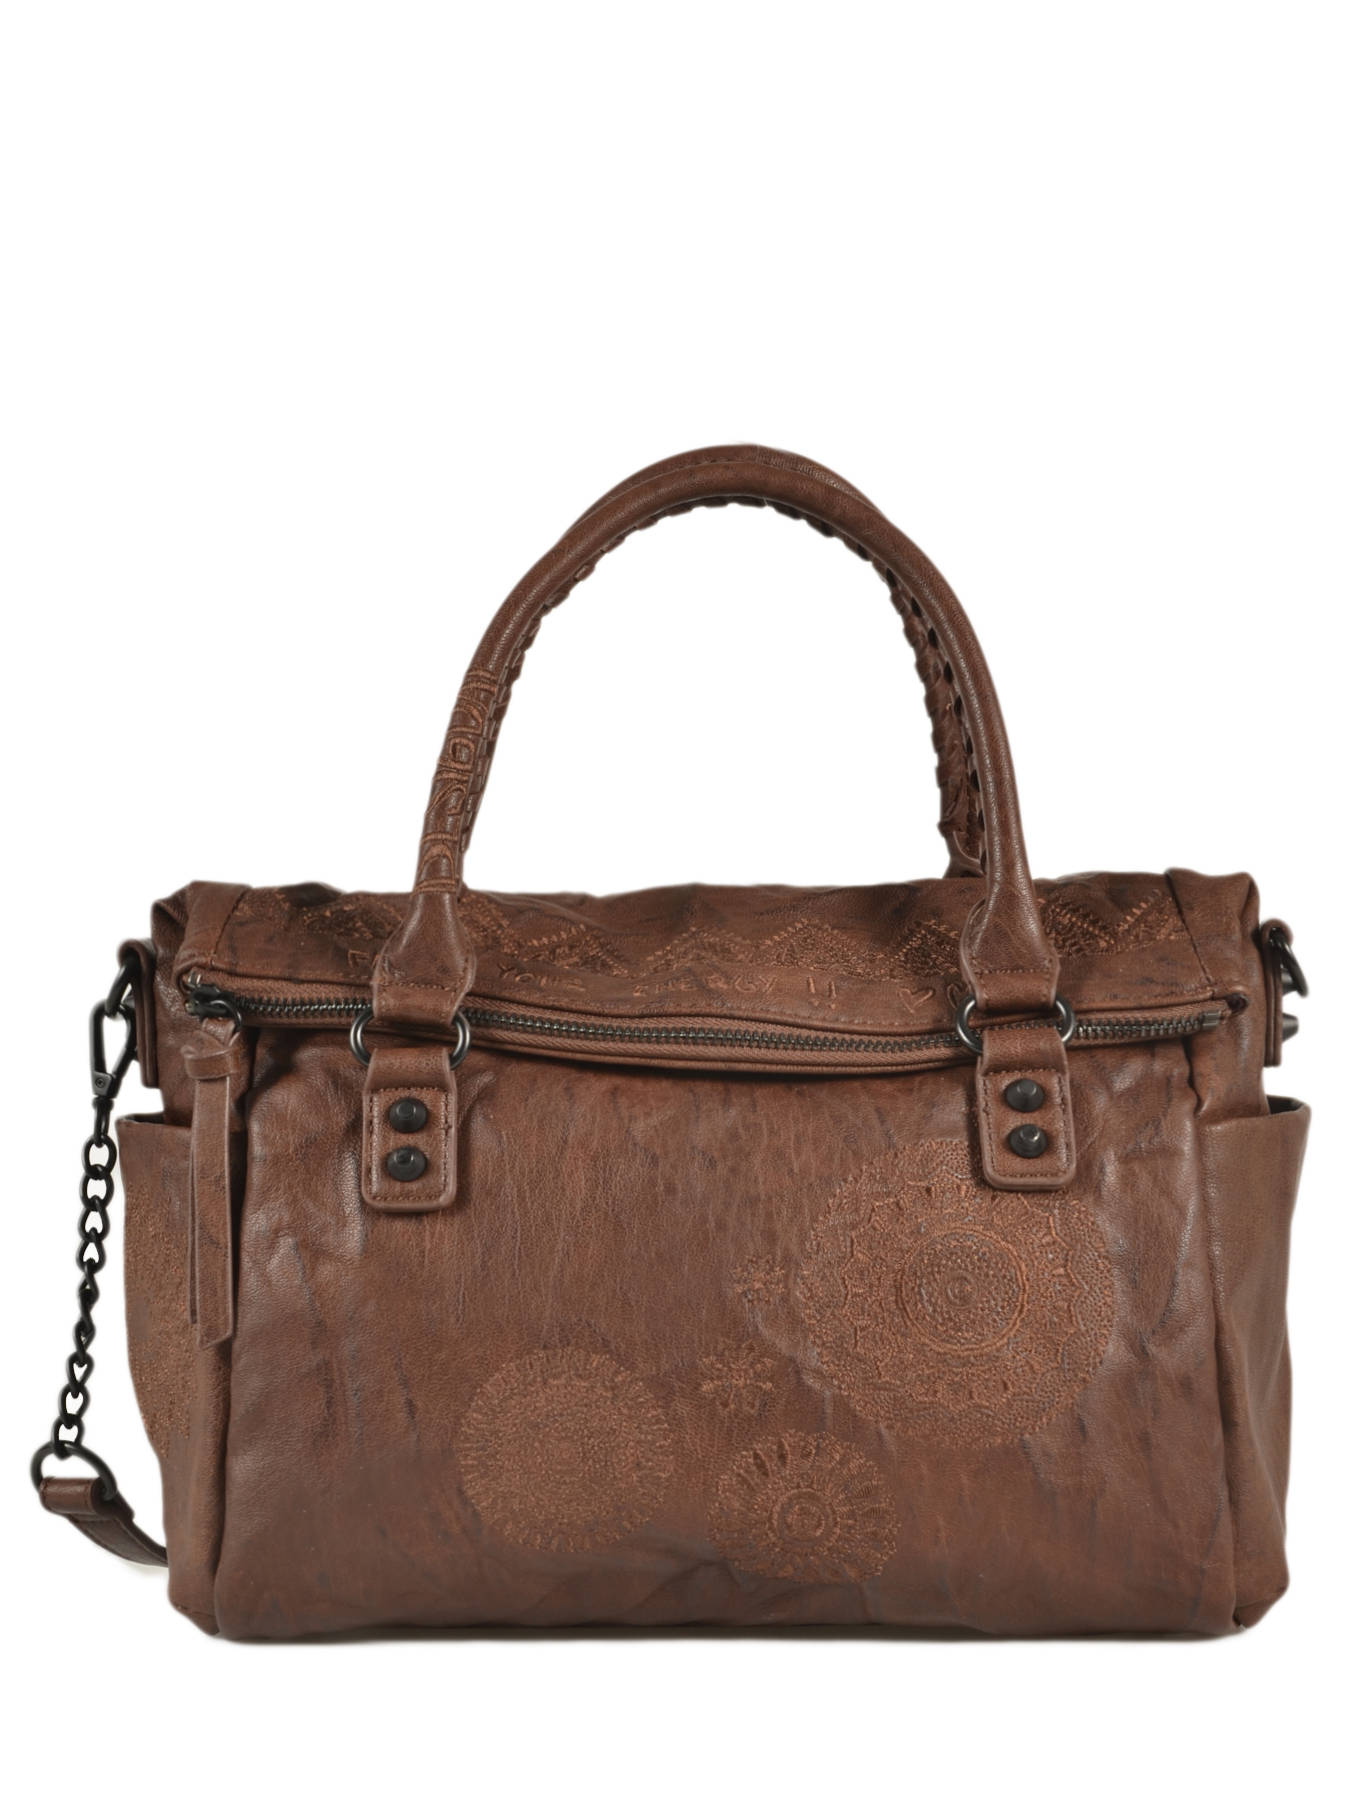 économiser jusqu'à 80% attrayant et durable haute couture Sac porté main Albita DESIGUAL